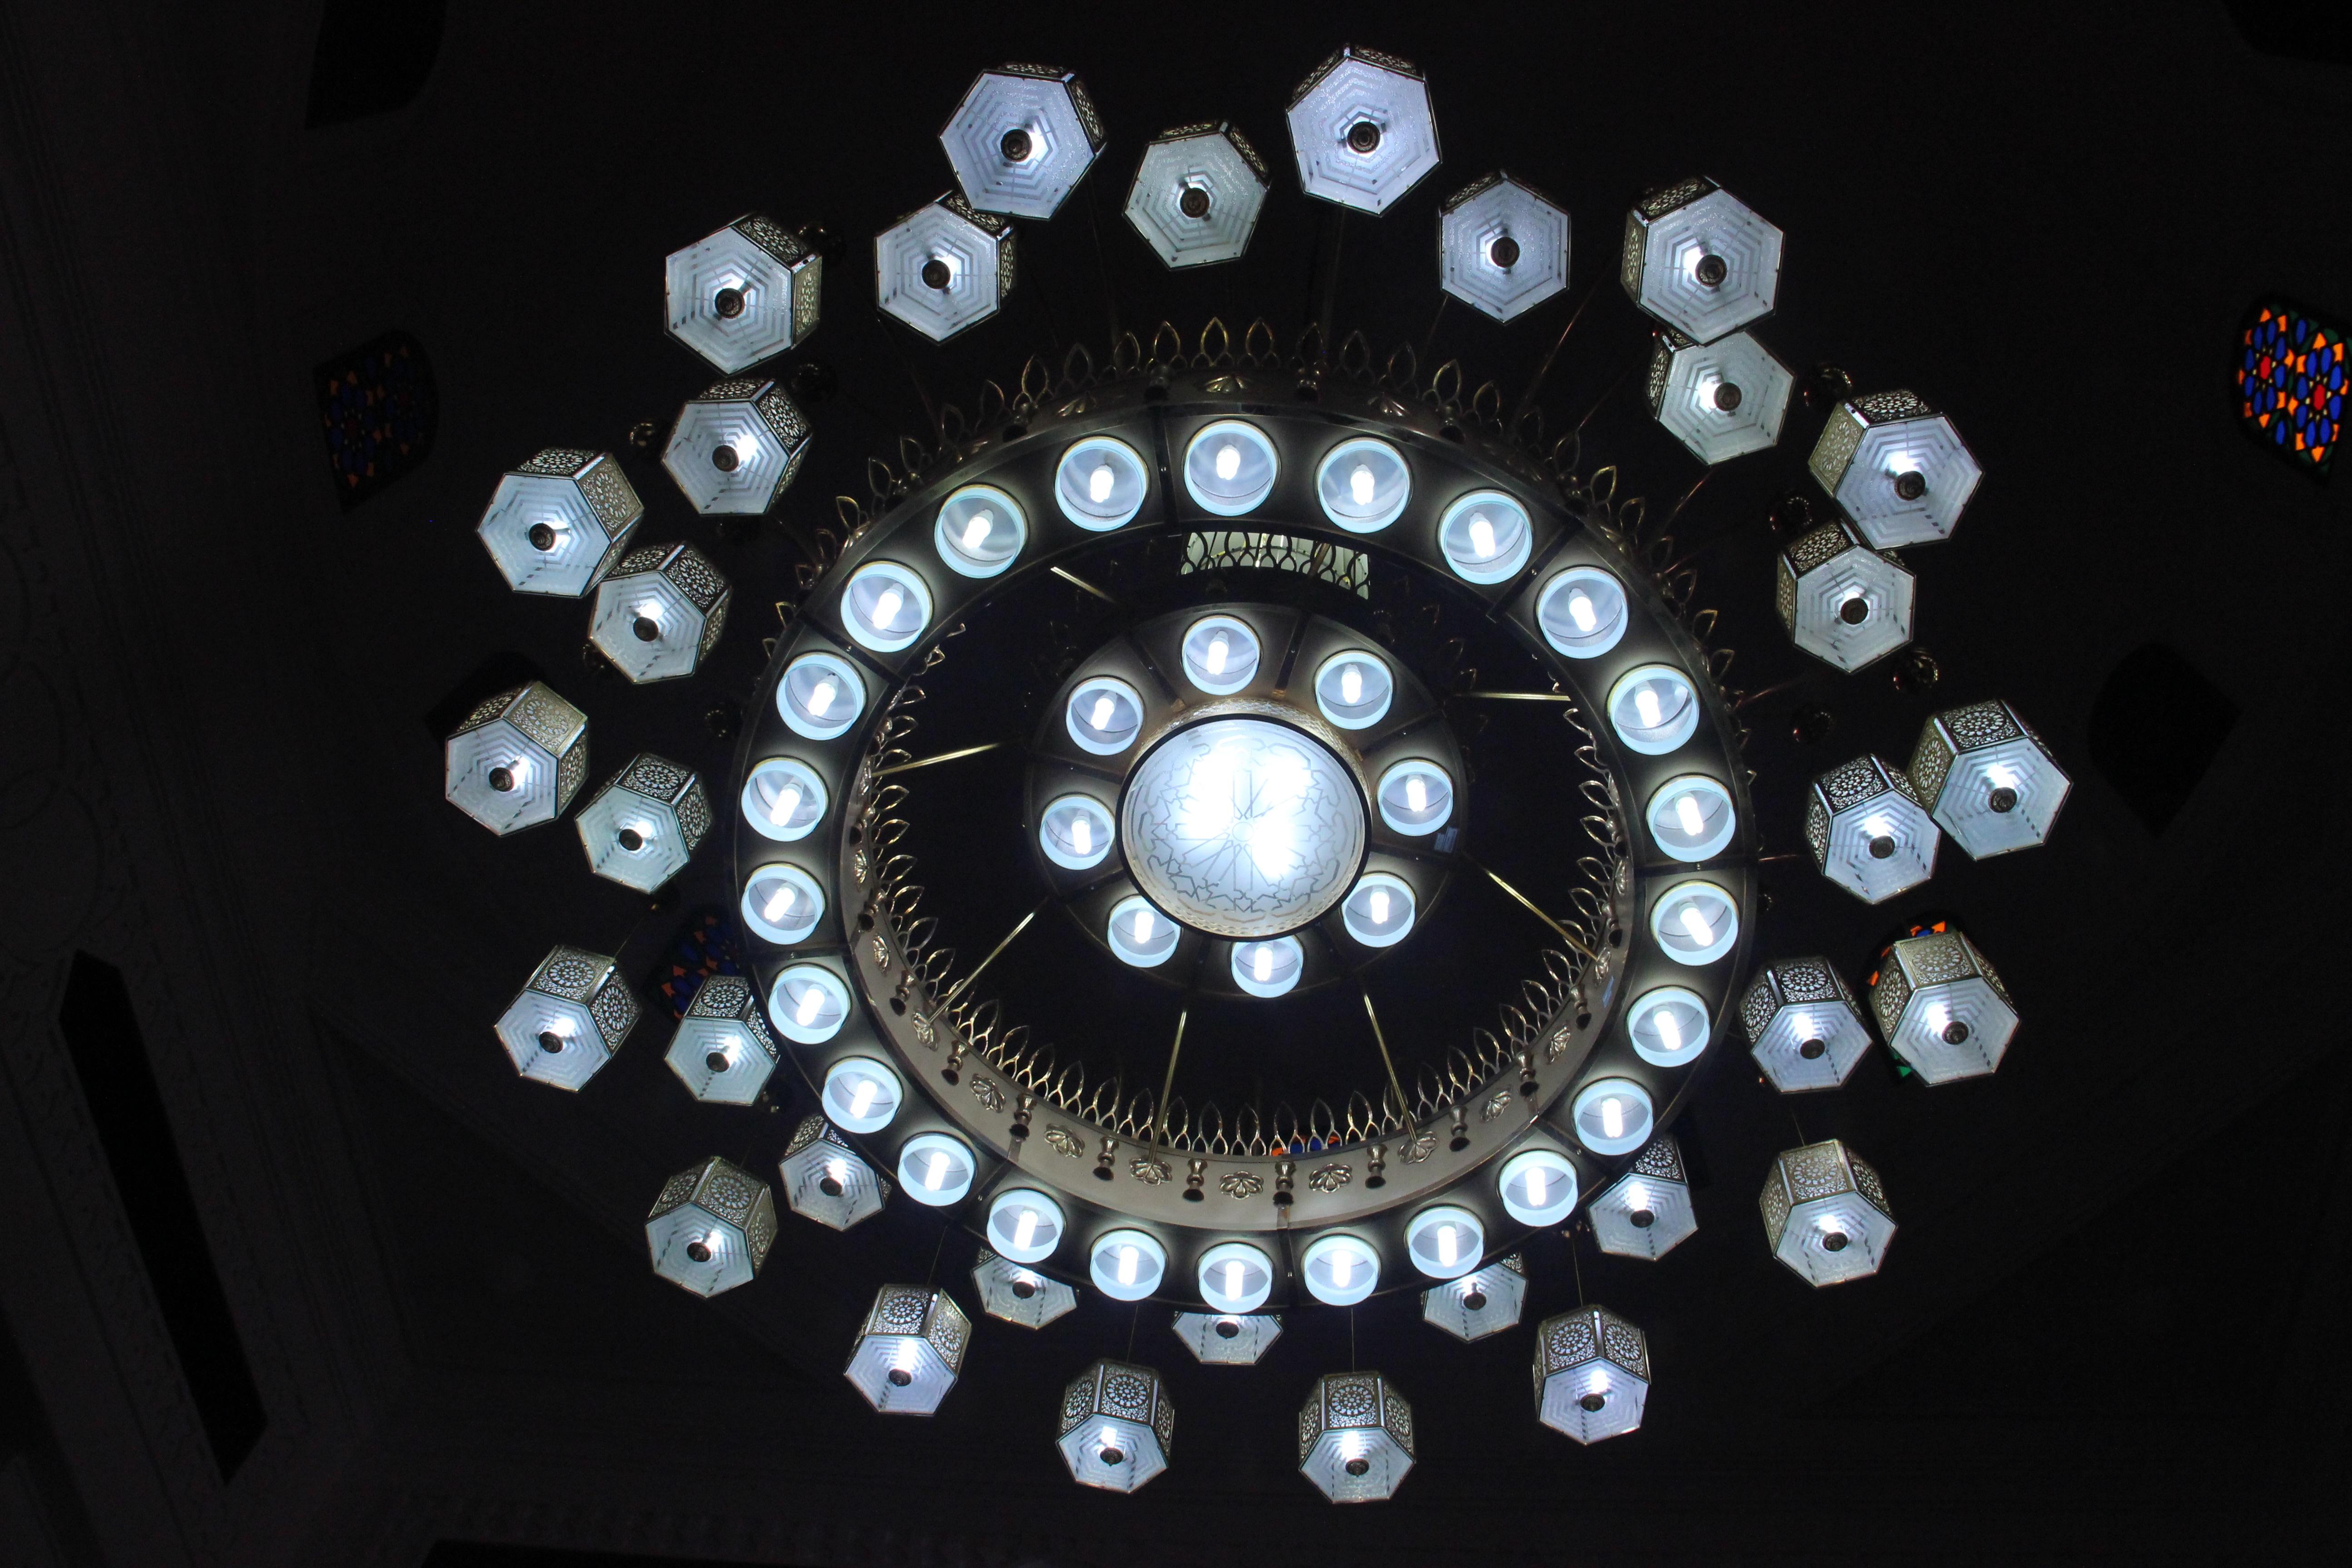 Fotos gratis : ligero, techo, lámpara, iluminación, circulo ...